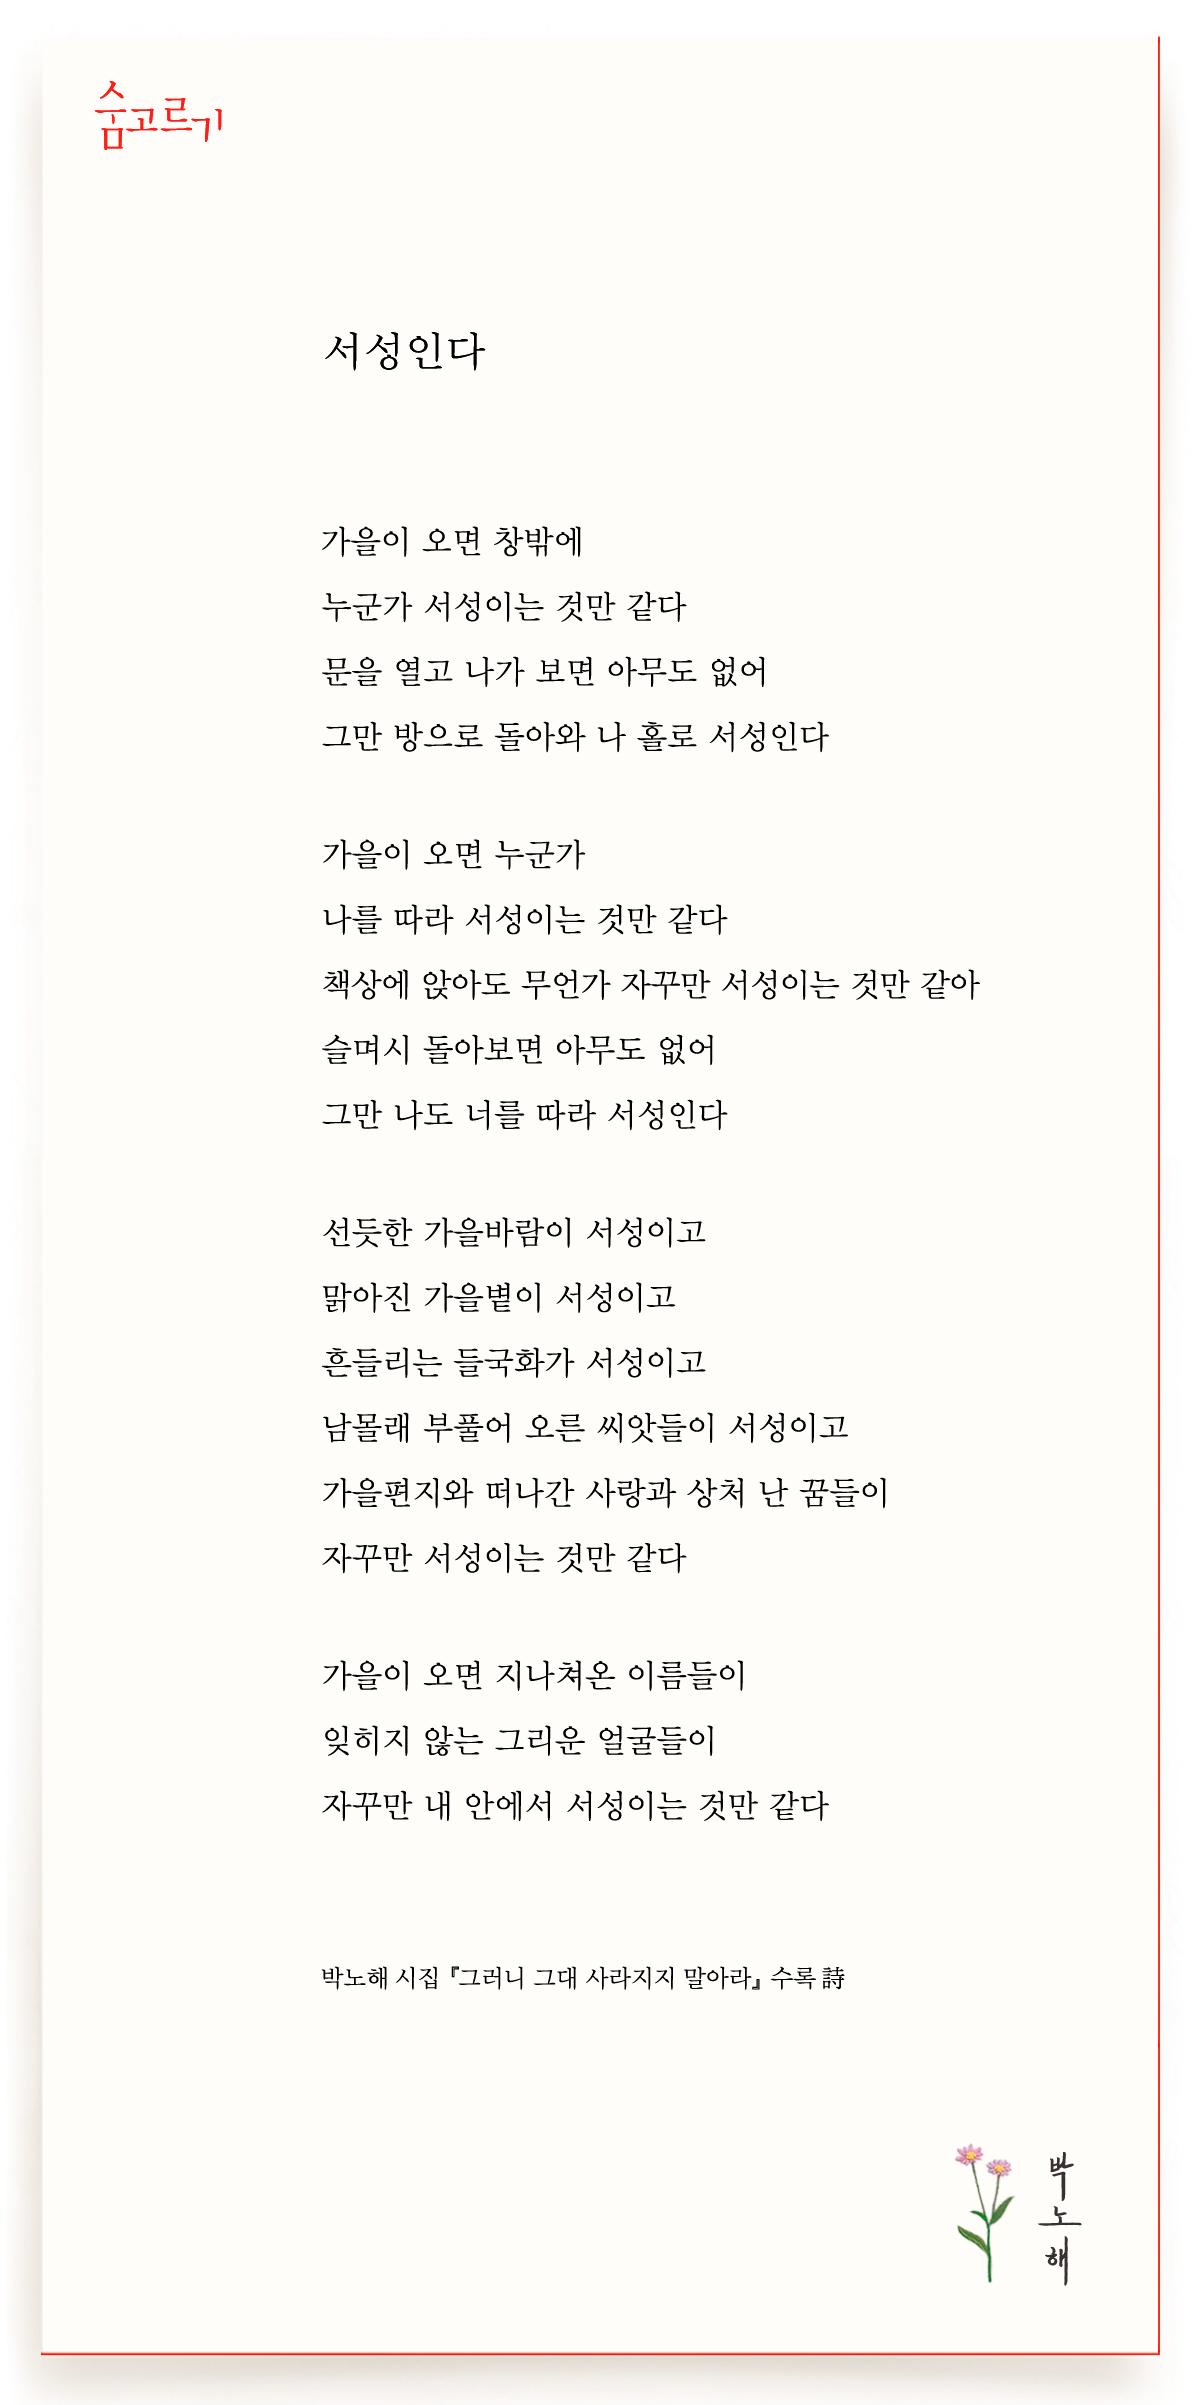 박노해의 숨고르기 서성인다